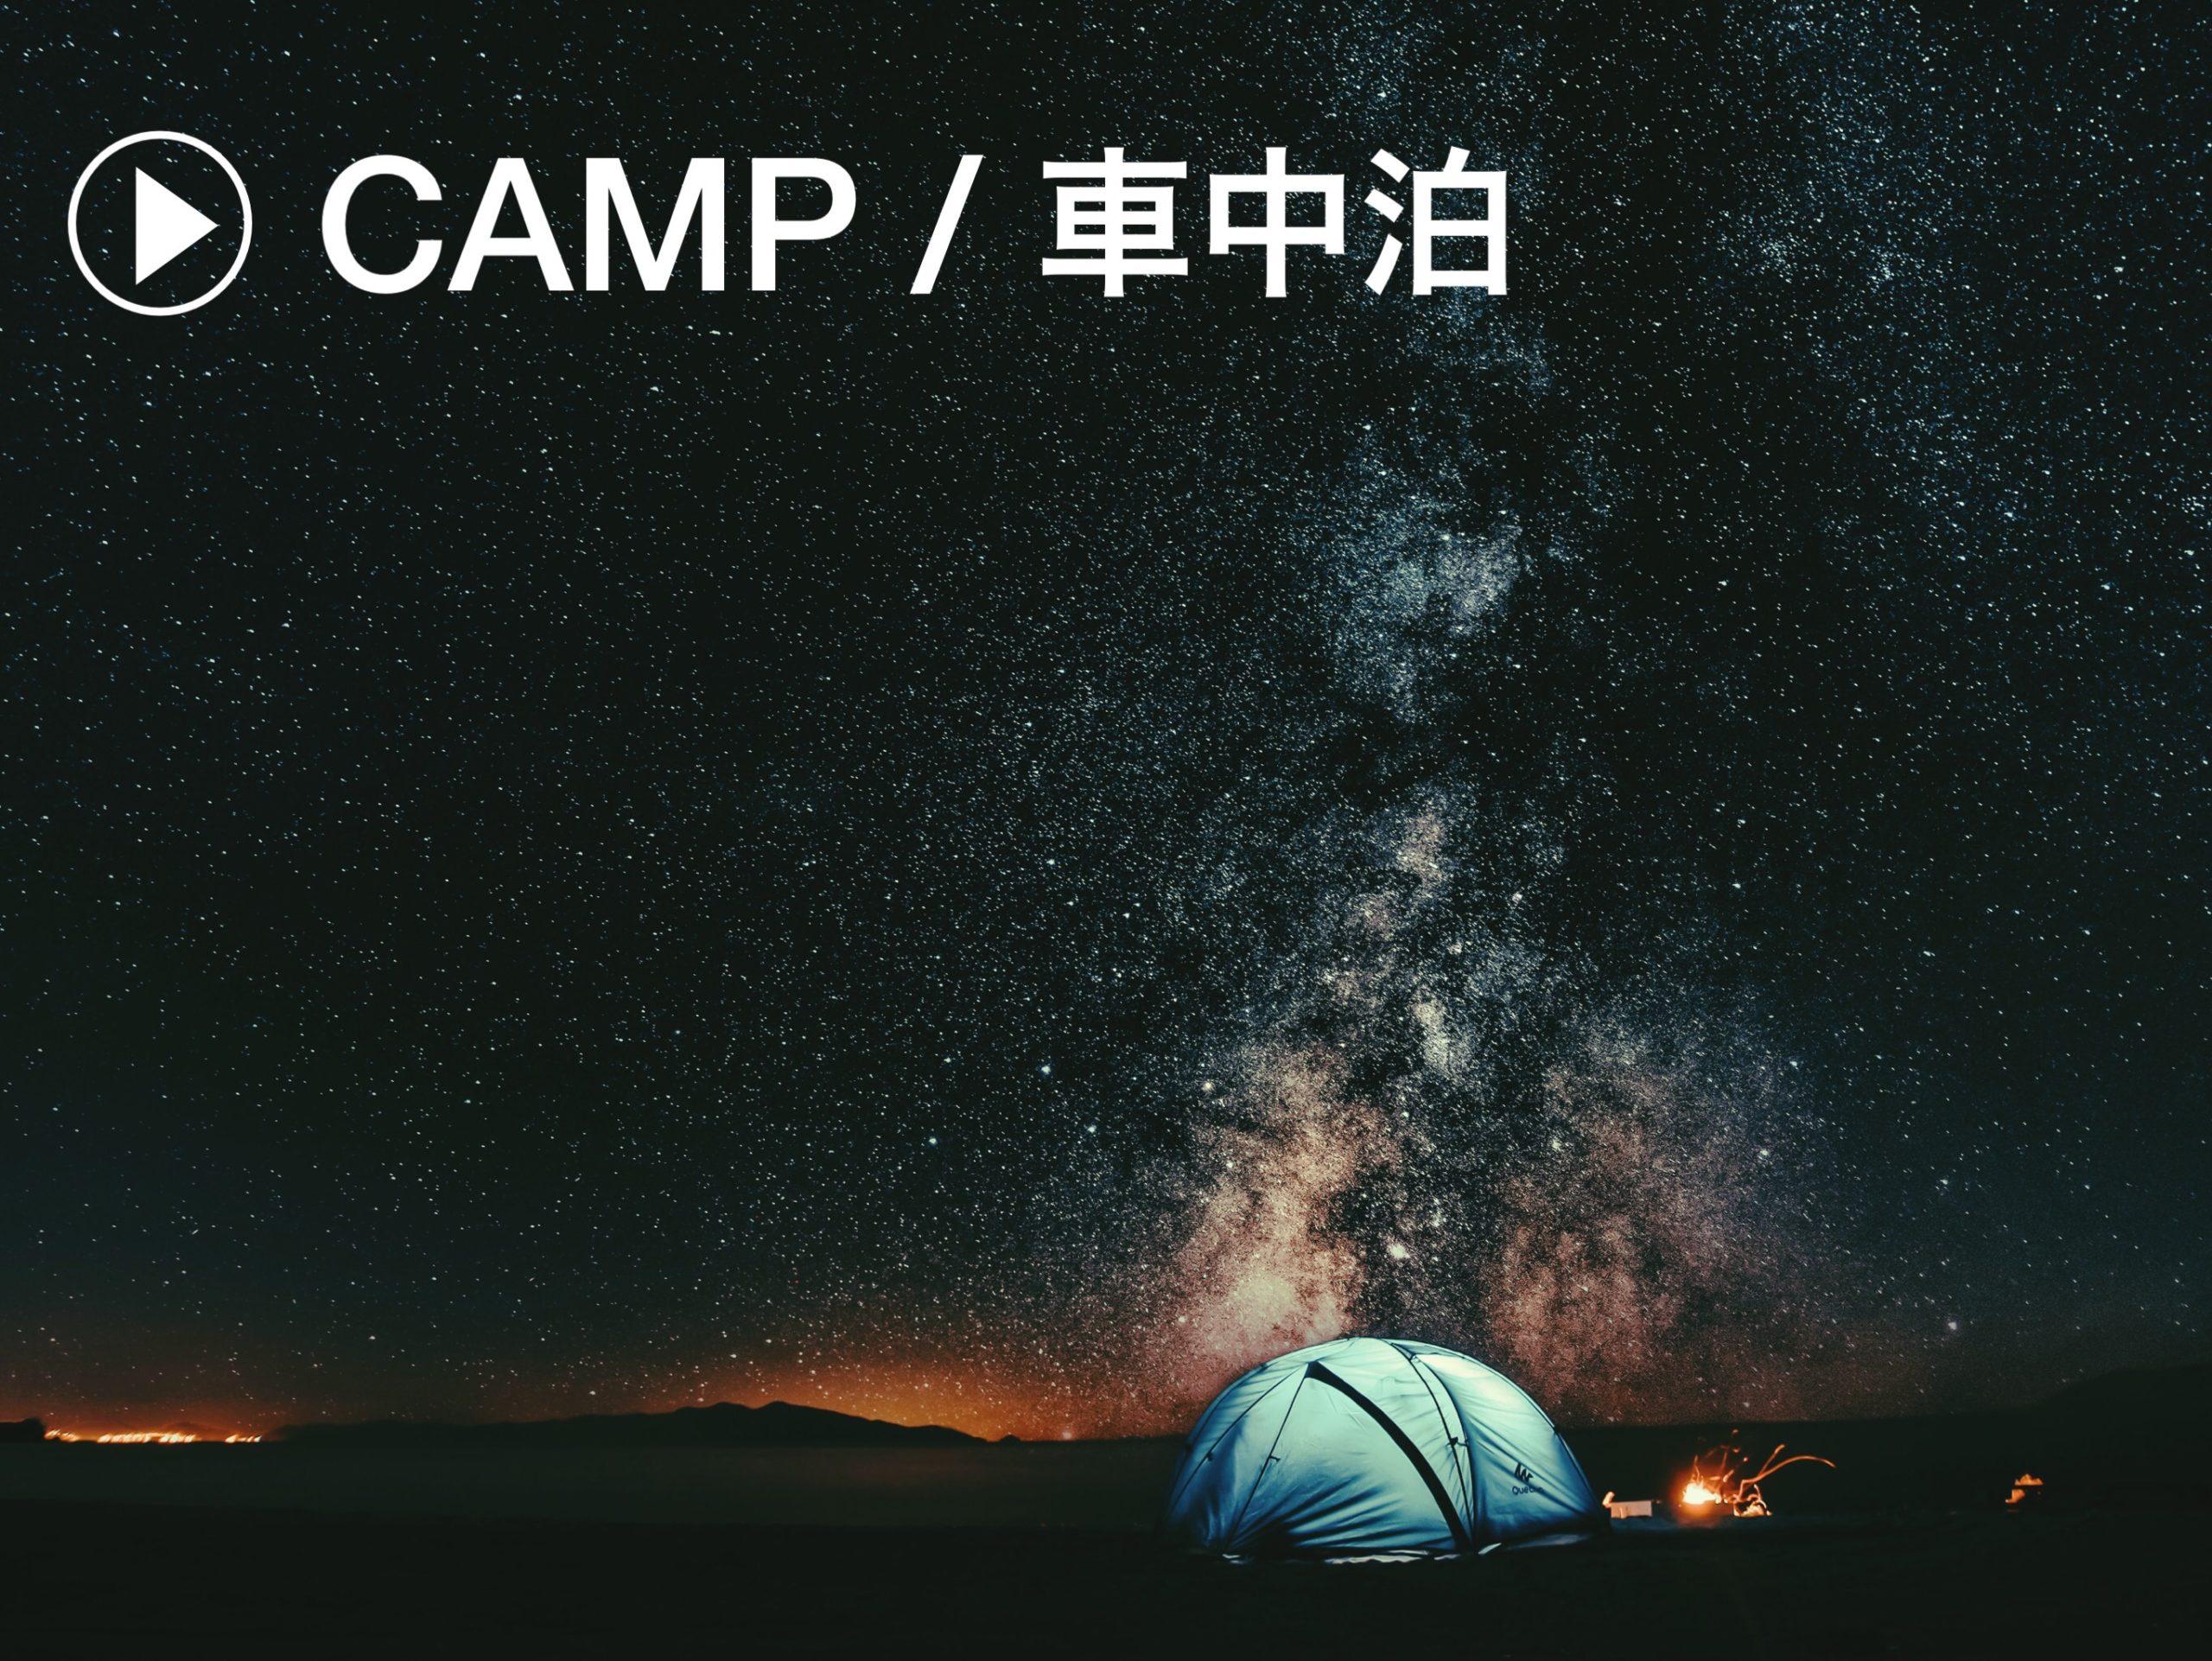 キャンプ / 車中泊